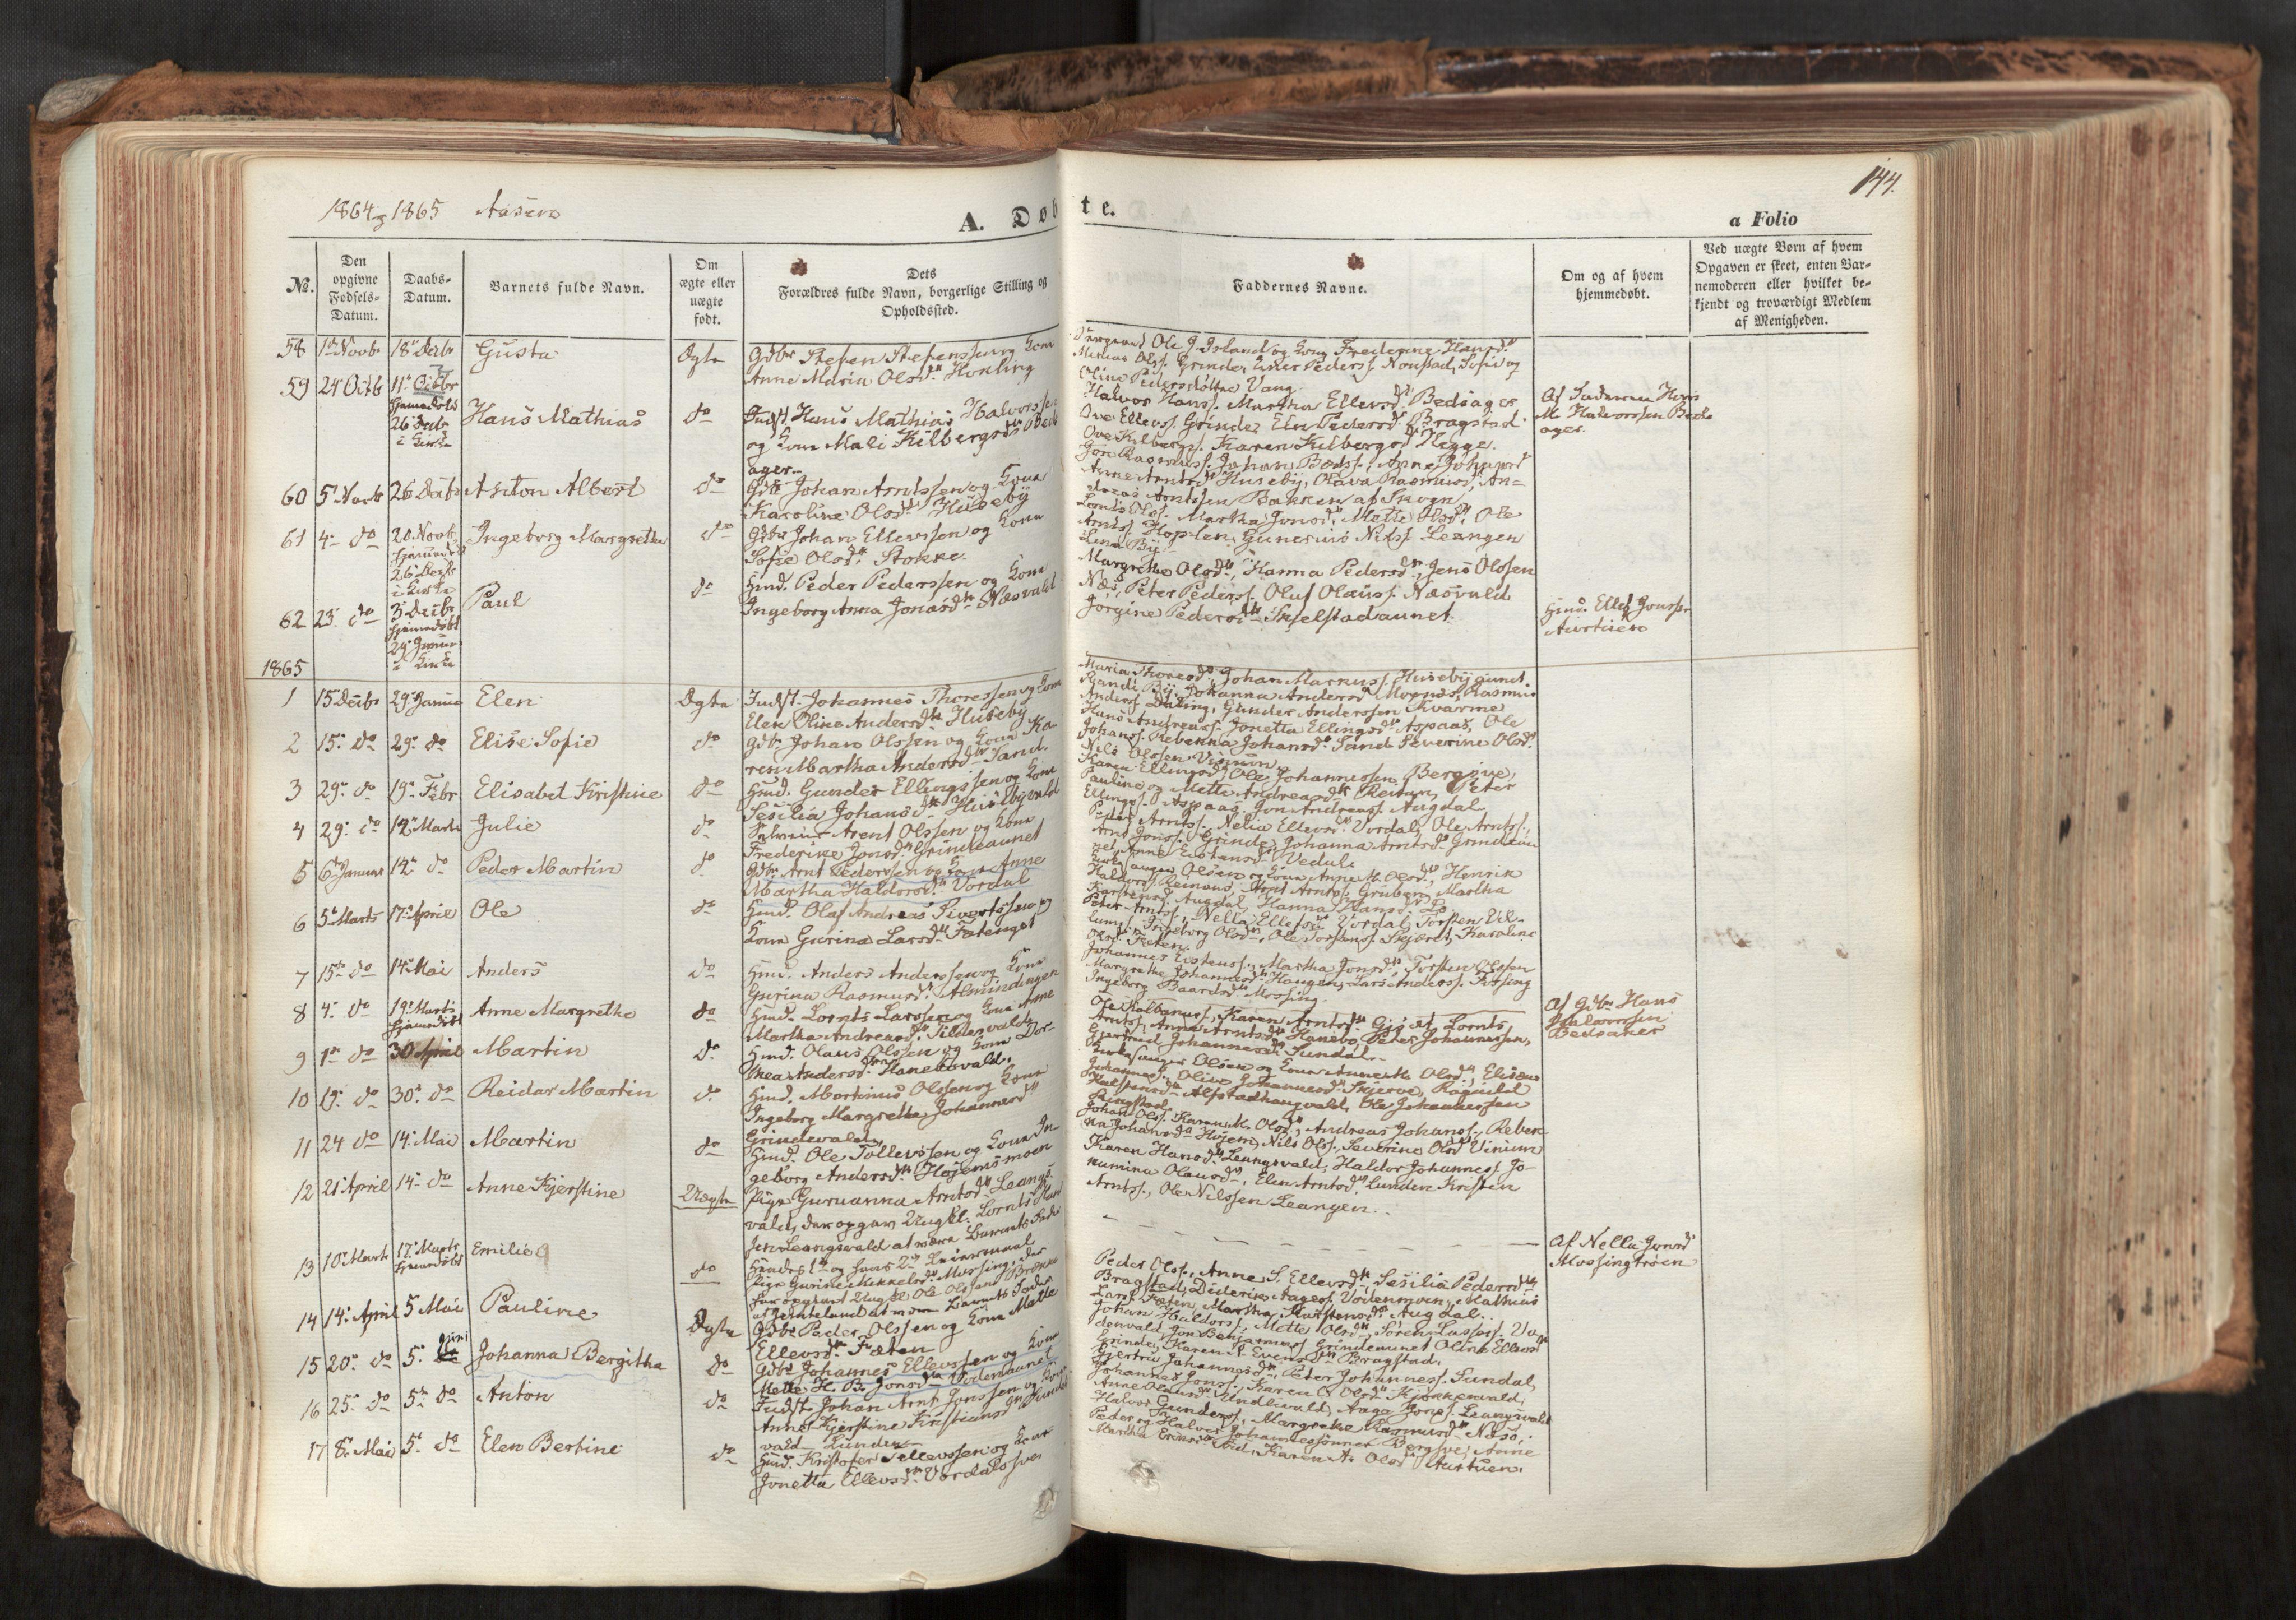 SAT, Ministerialprotokoller, klokkerbøker og fødselsregistre - Nord-Trøndelag, 713/L0116: Ministerialbok nr. 713A07, 1850-1877, s. 144